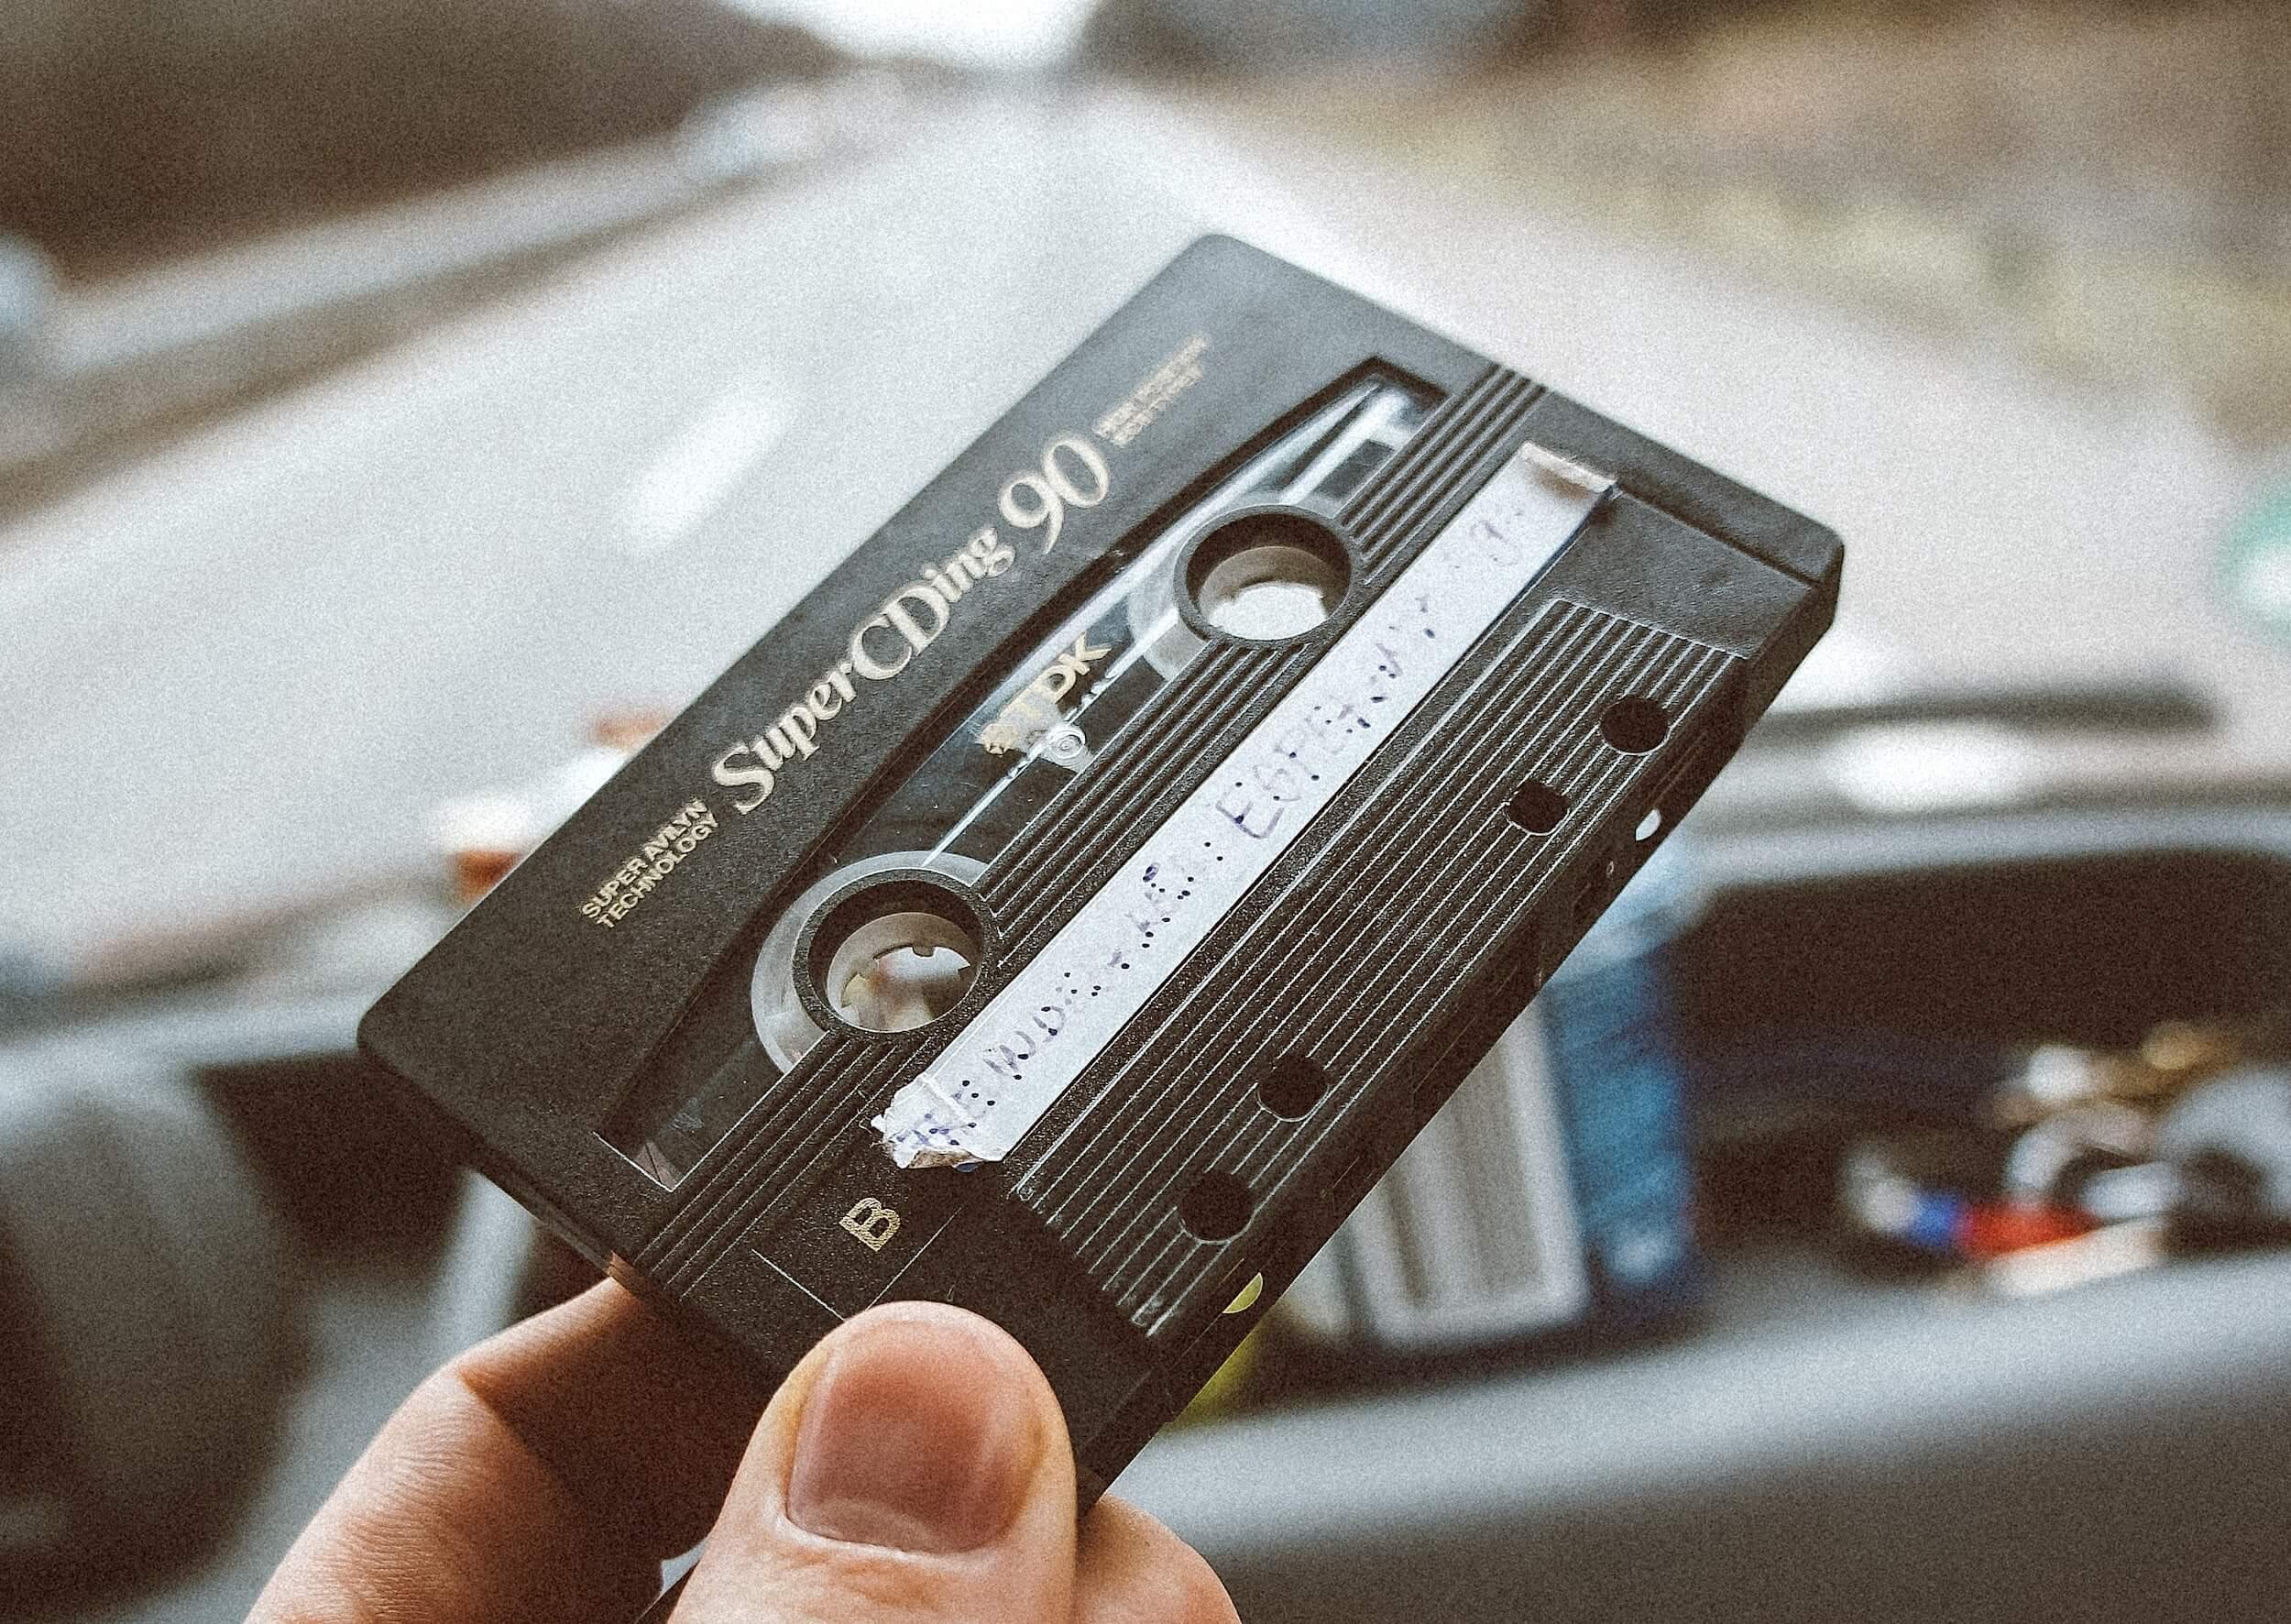 Передача игр по радио, звуки старых ПК и компактная история рингтонов — в дайджесте «Аудиомании» - 2